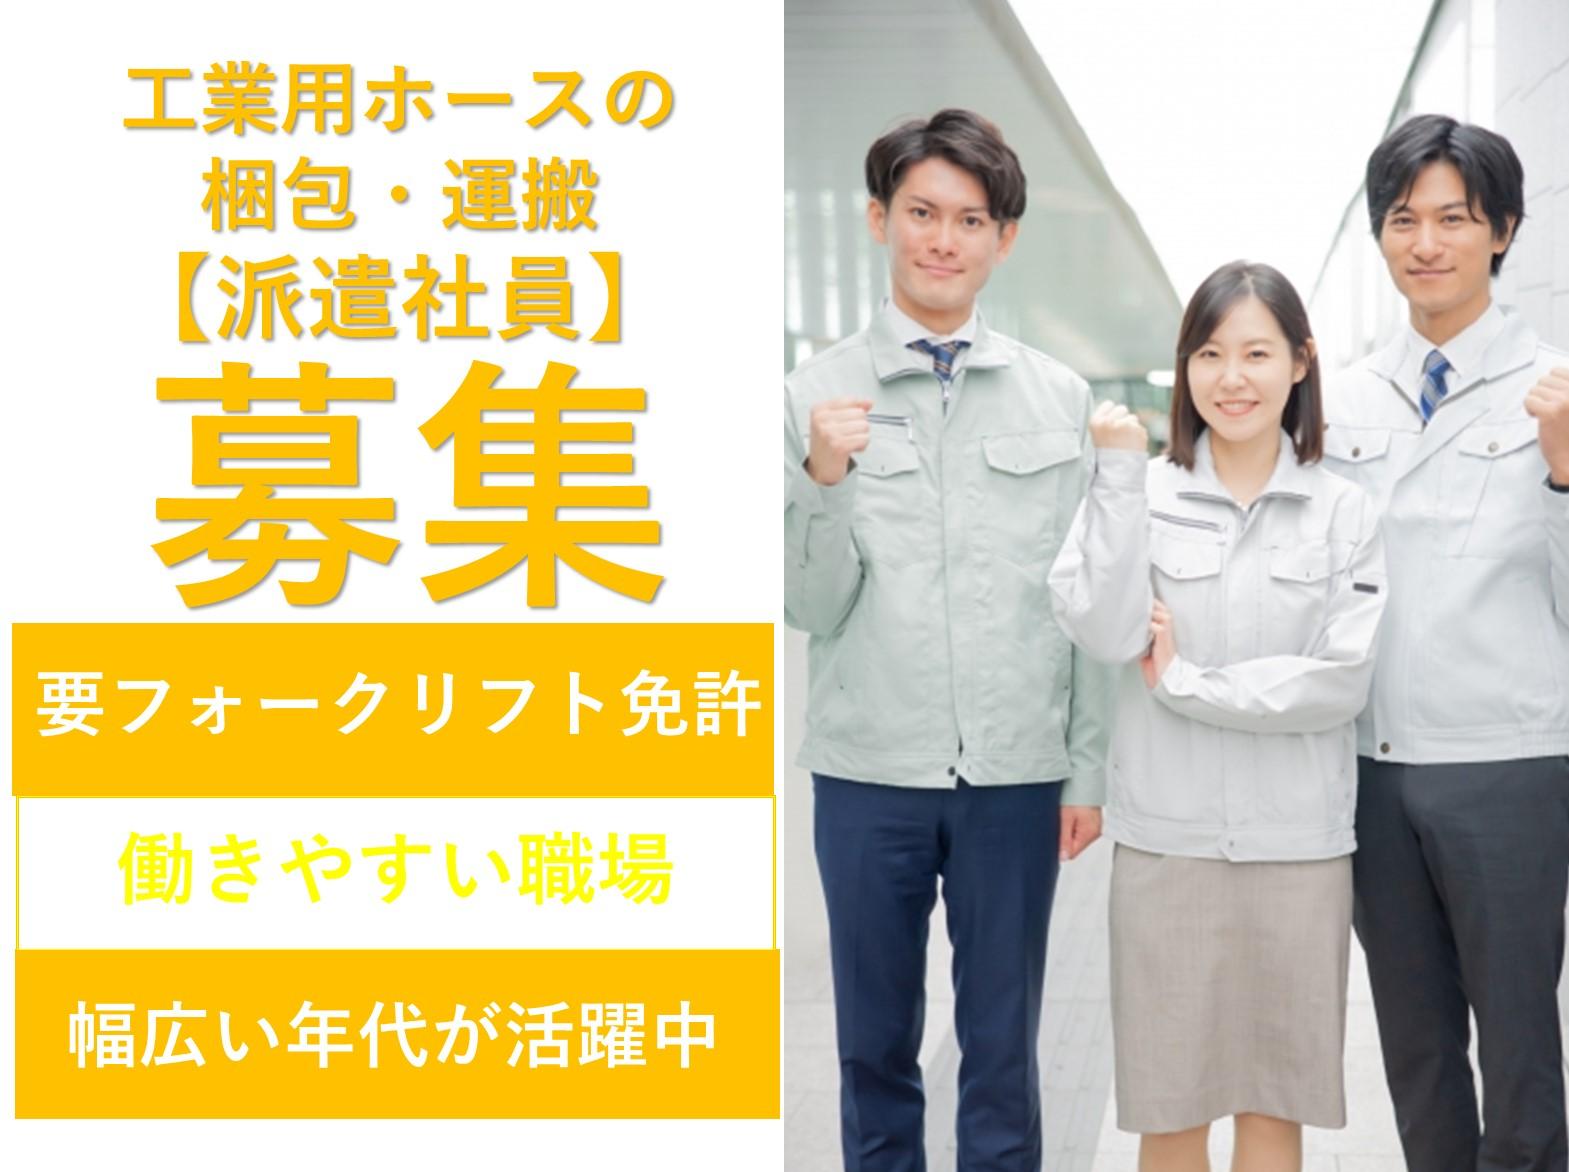 急募【静岡県掛川市】経験・資格を活かす!工業用ホース梱包・運搬 イメージ